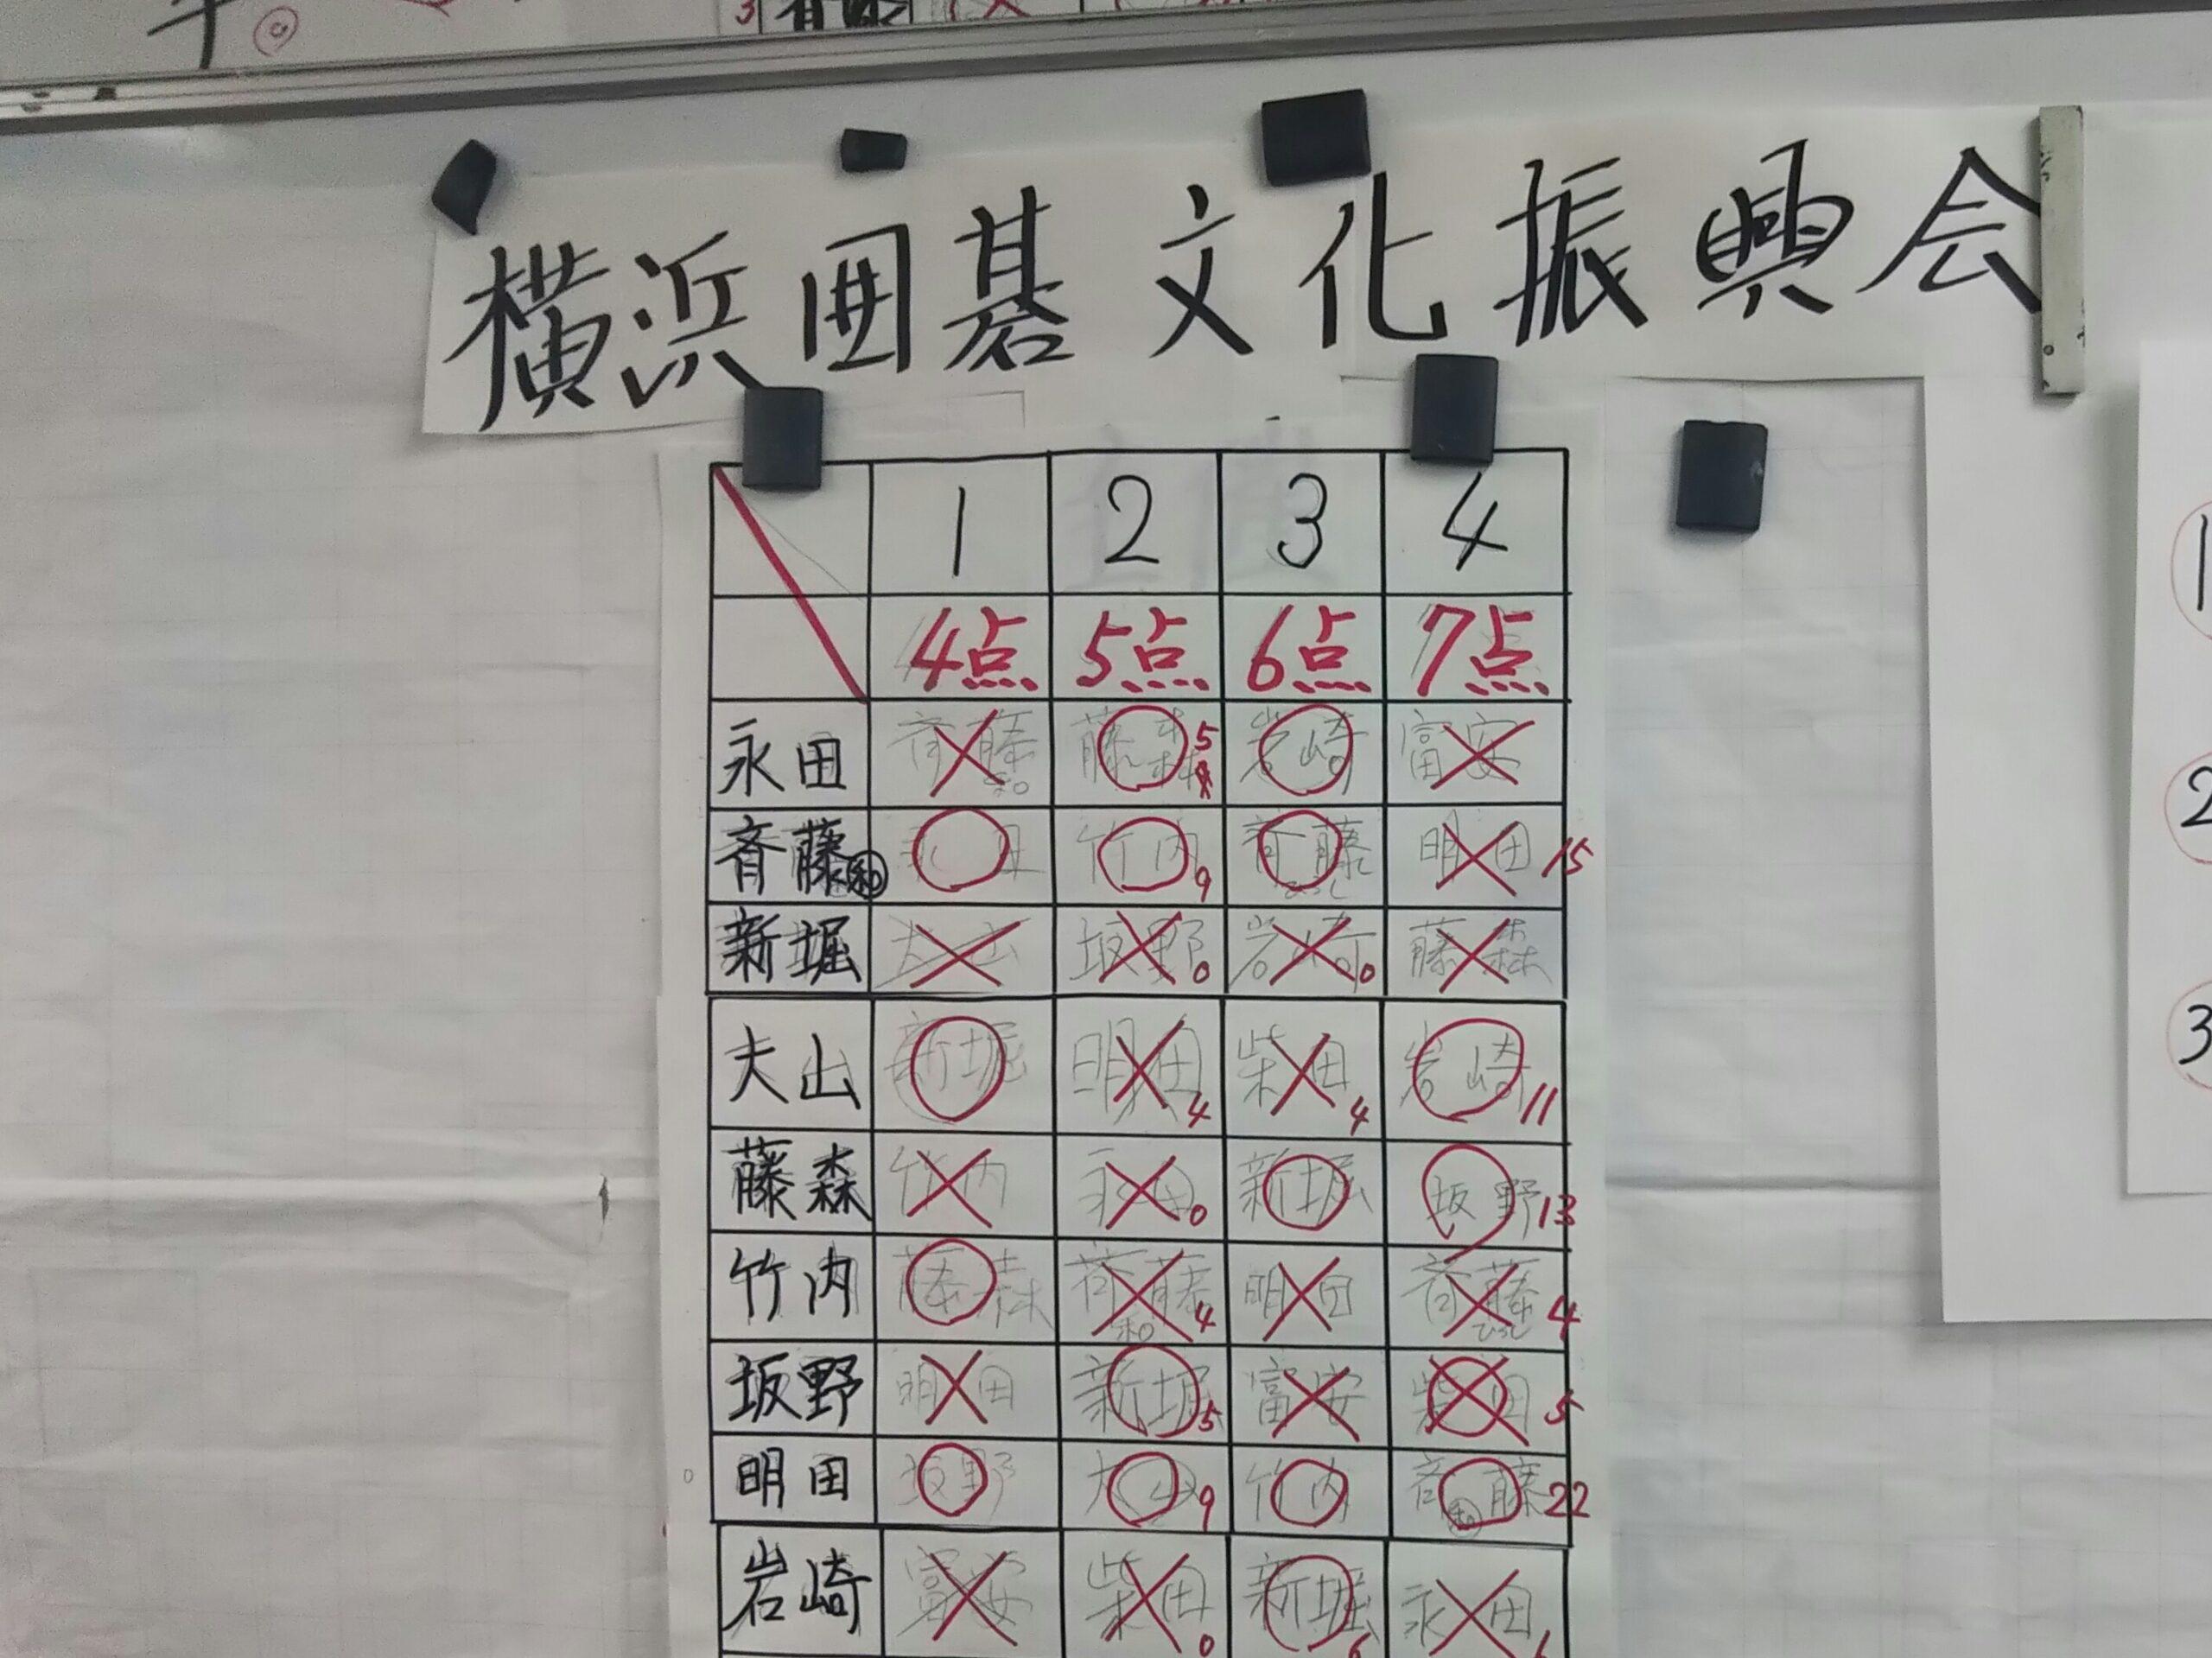 横浜囲碁センターの大会表